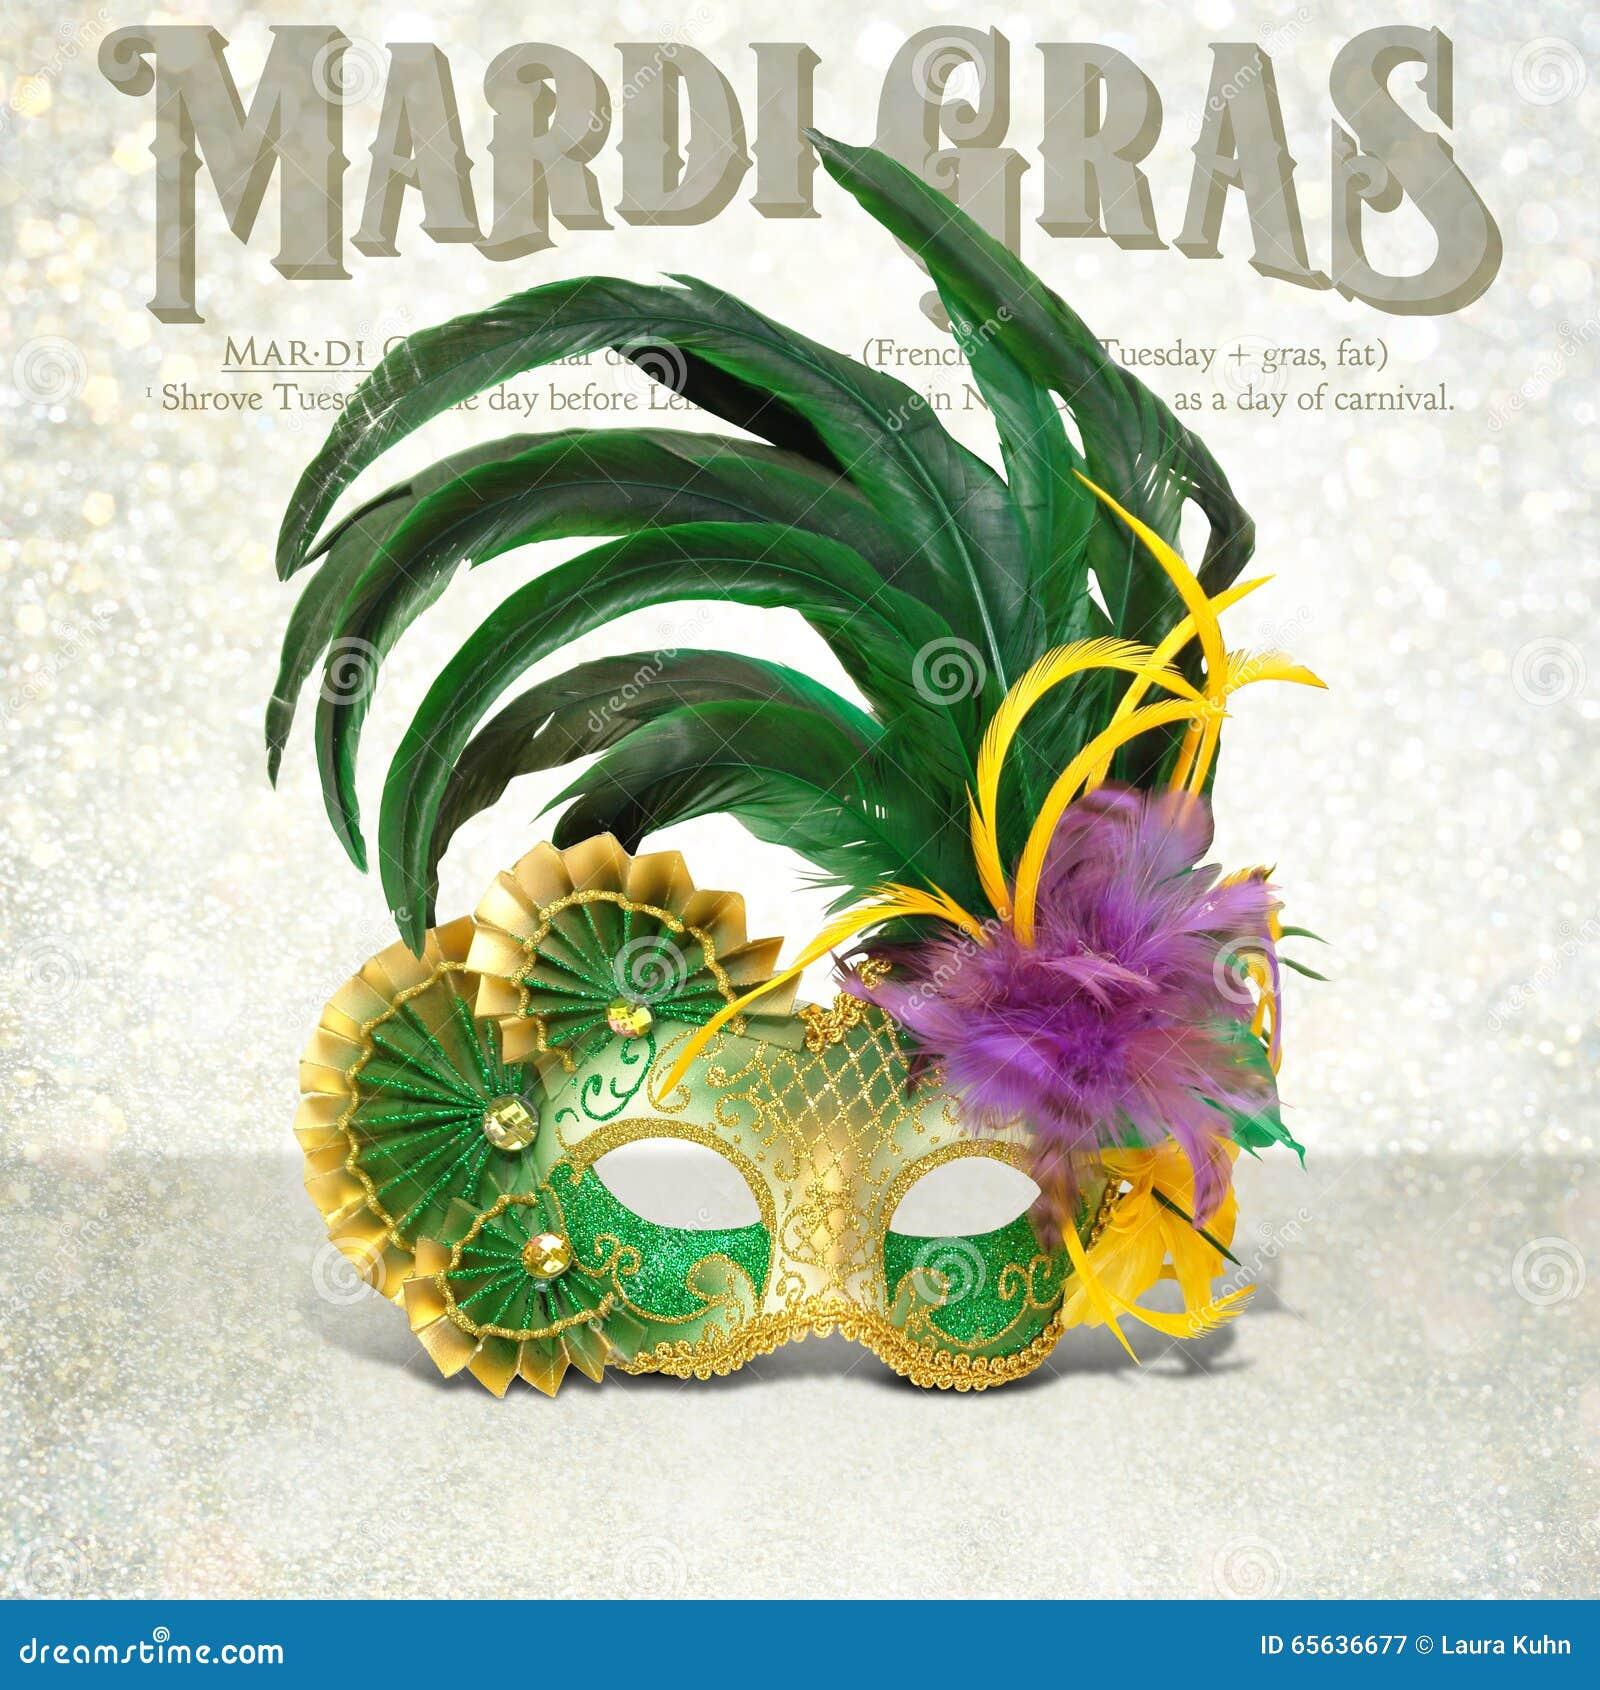 La Nouvelle-Orléans Mardi Gras Mask Collection